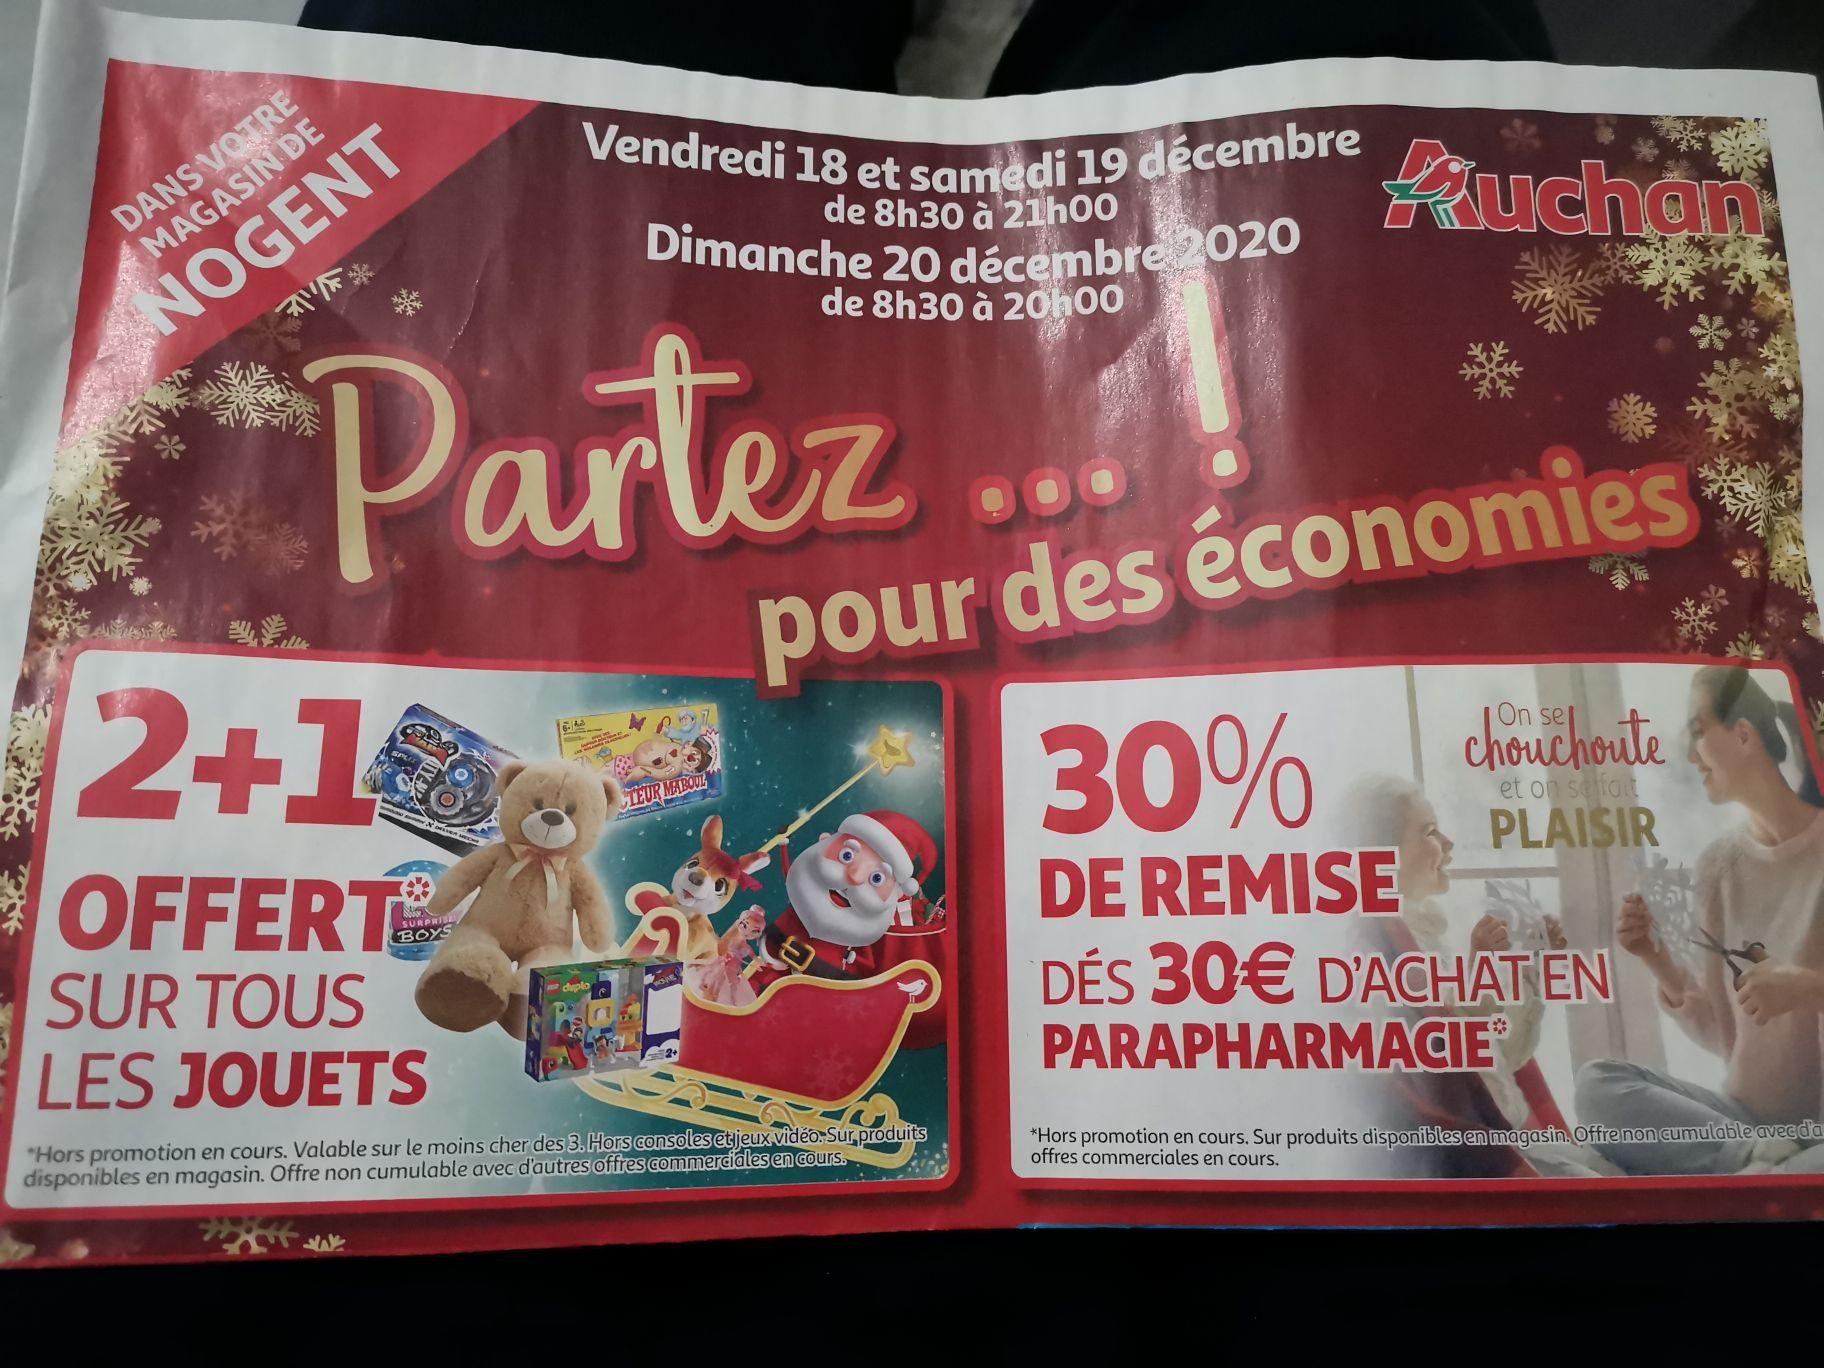 Sélection d'offres promotionnelles - Nogent sur Oise (60)